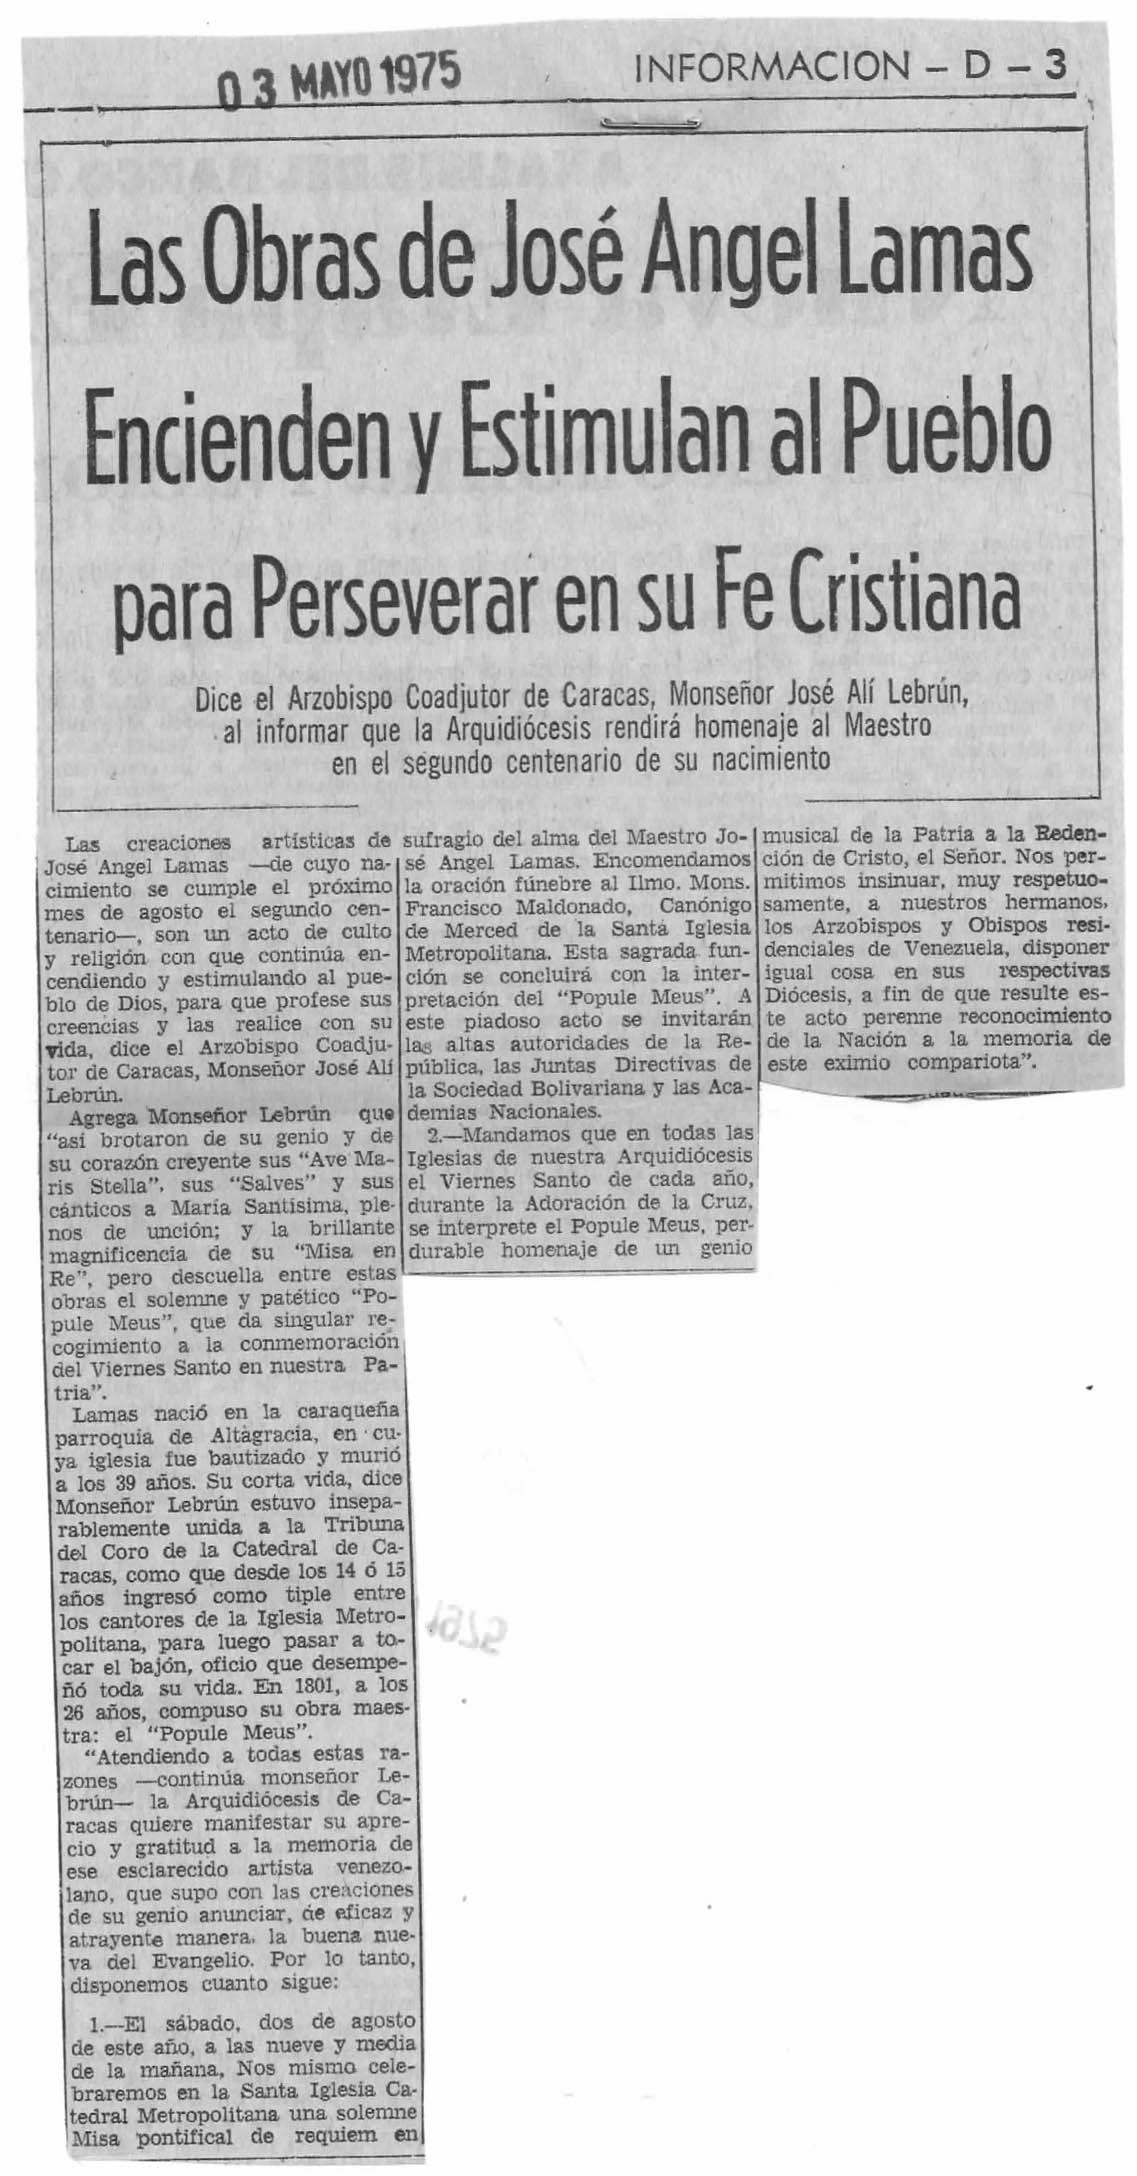 Las obras de José Ángel Lamas estimulan al pueblo para perseverar la FE cristiana  Publicado el 3 de mayo de 1975